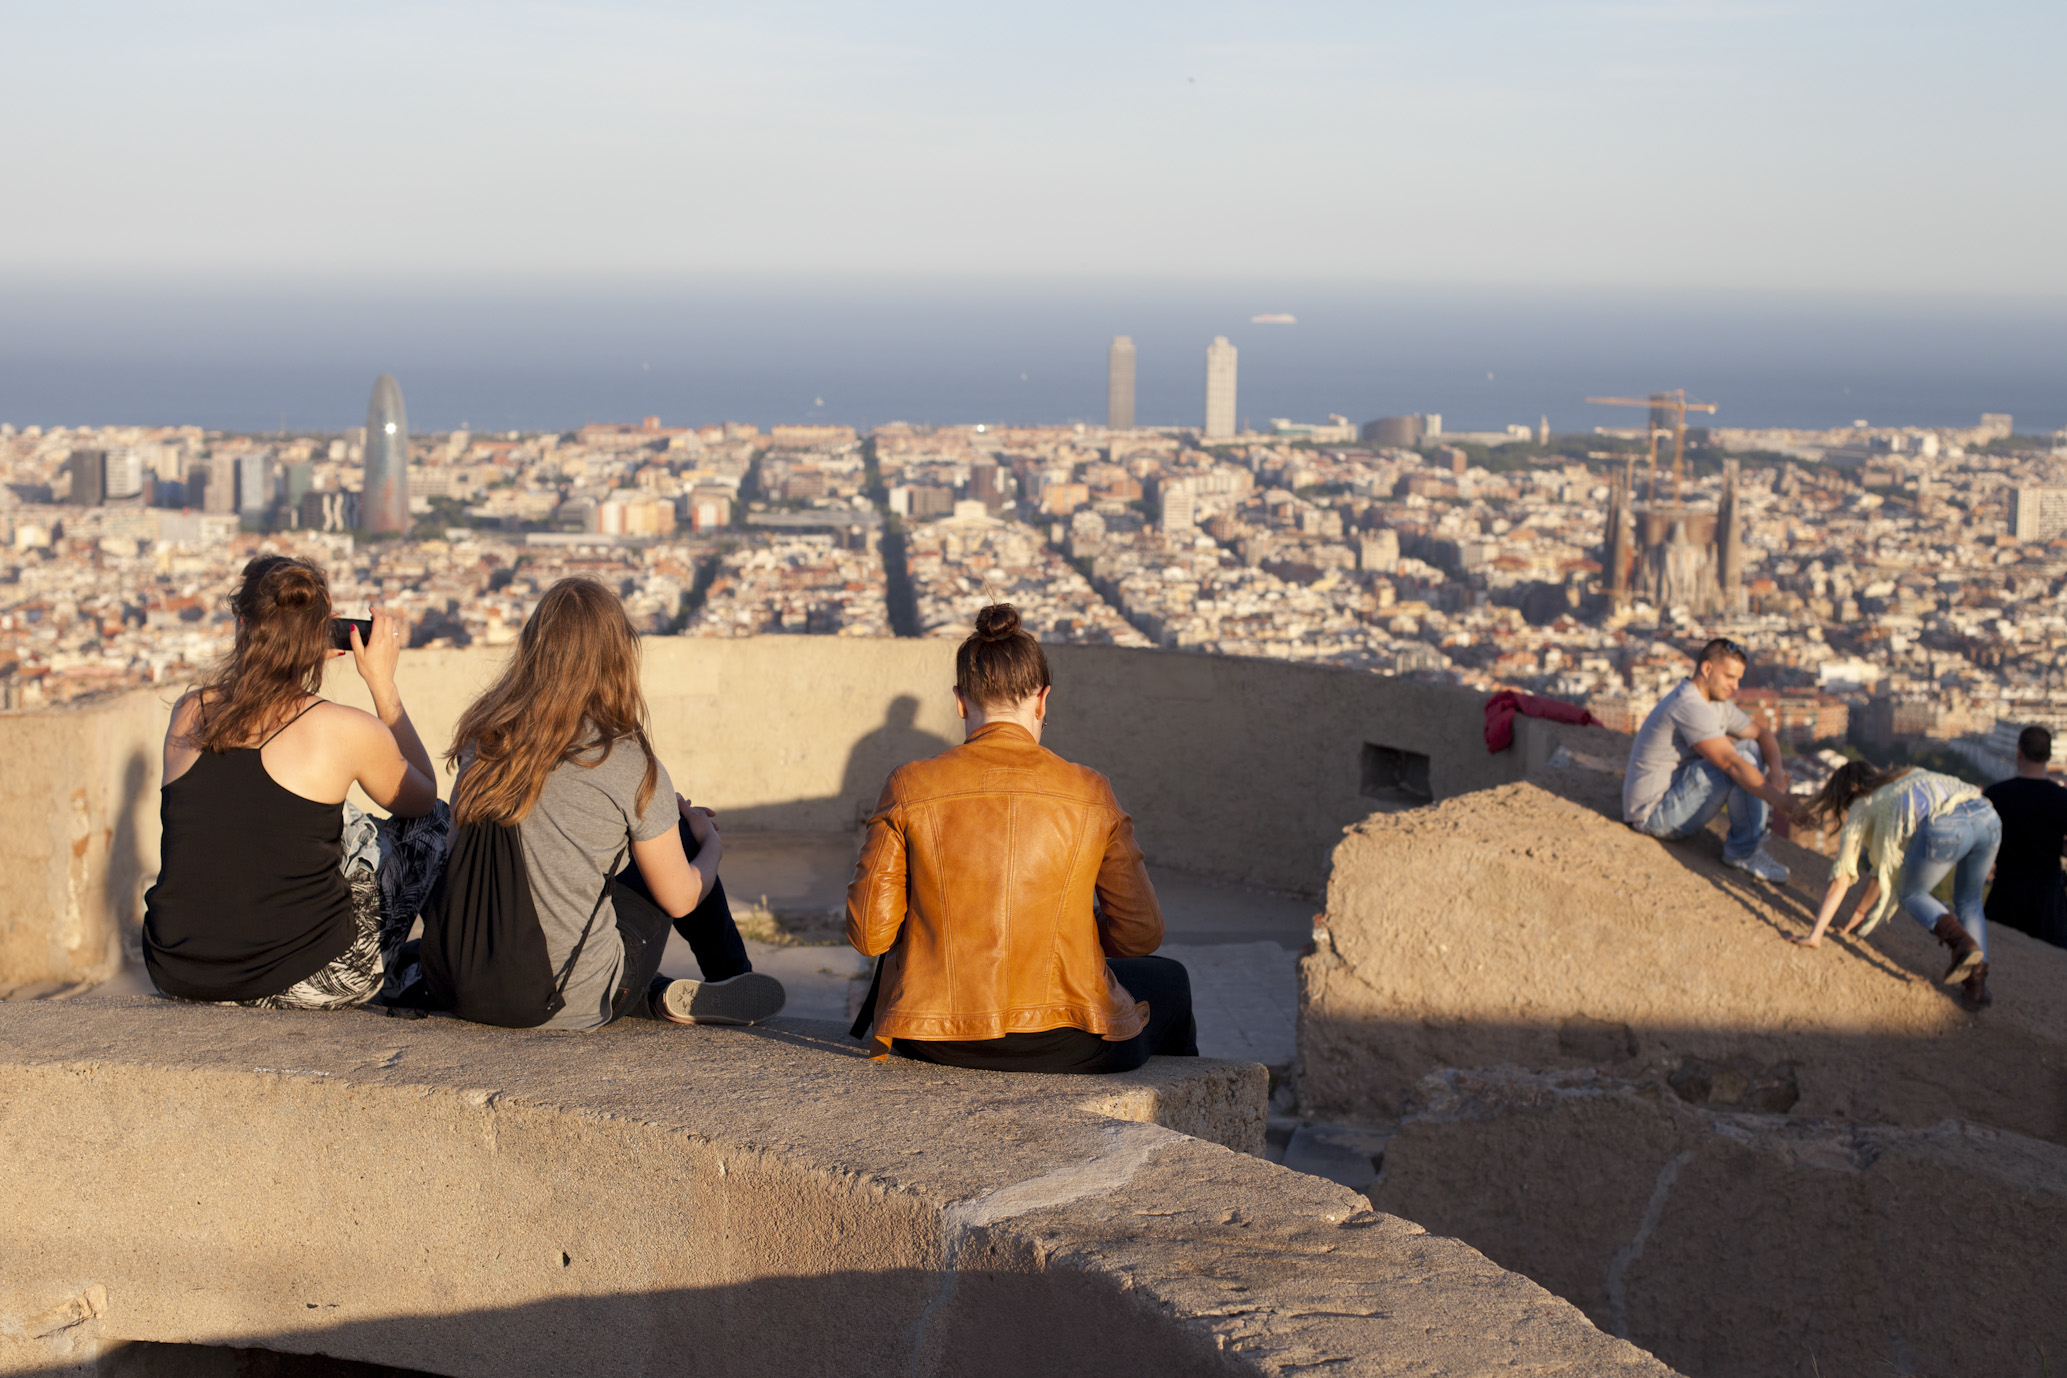 Spanien, Barcelona, Bunker del Carmen